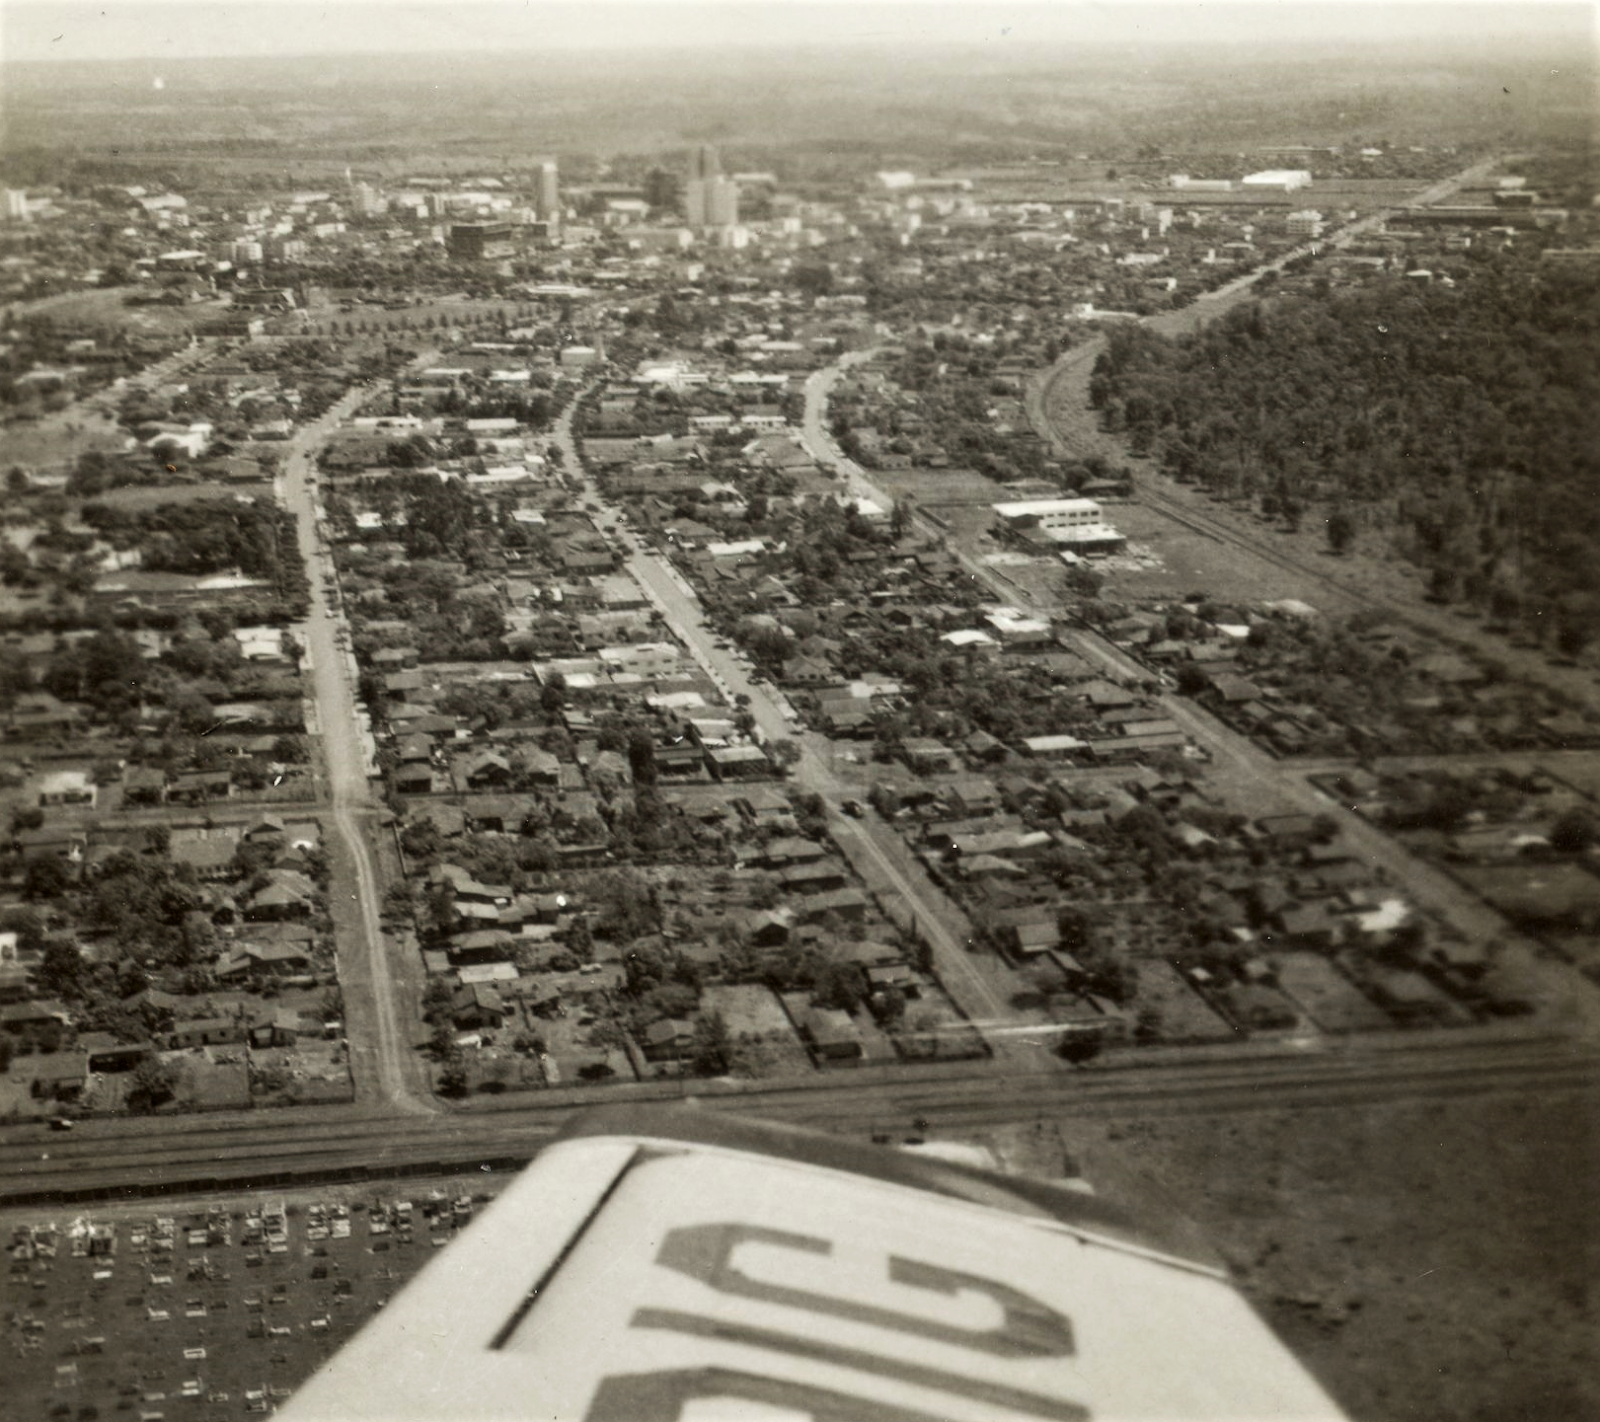 Imagem aérea da Zona 2 - Década de 1960